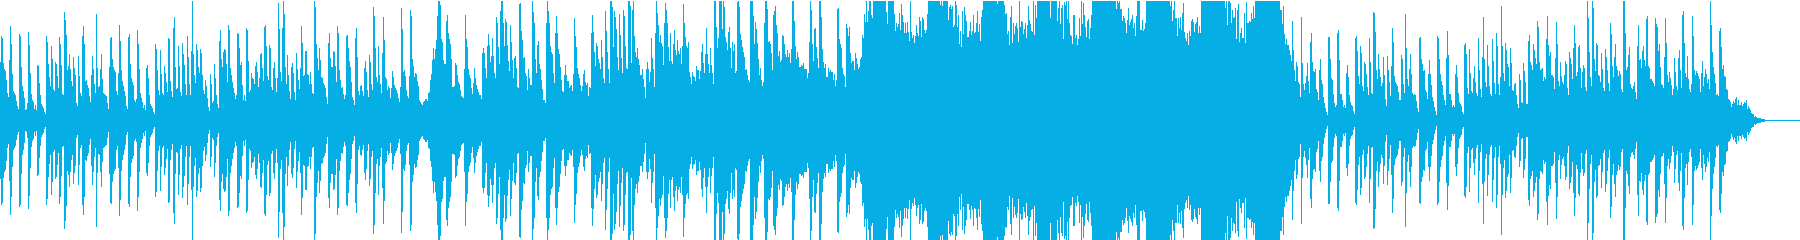 寂しい過去の回想曲の再生済みの波形